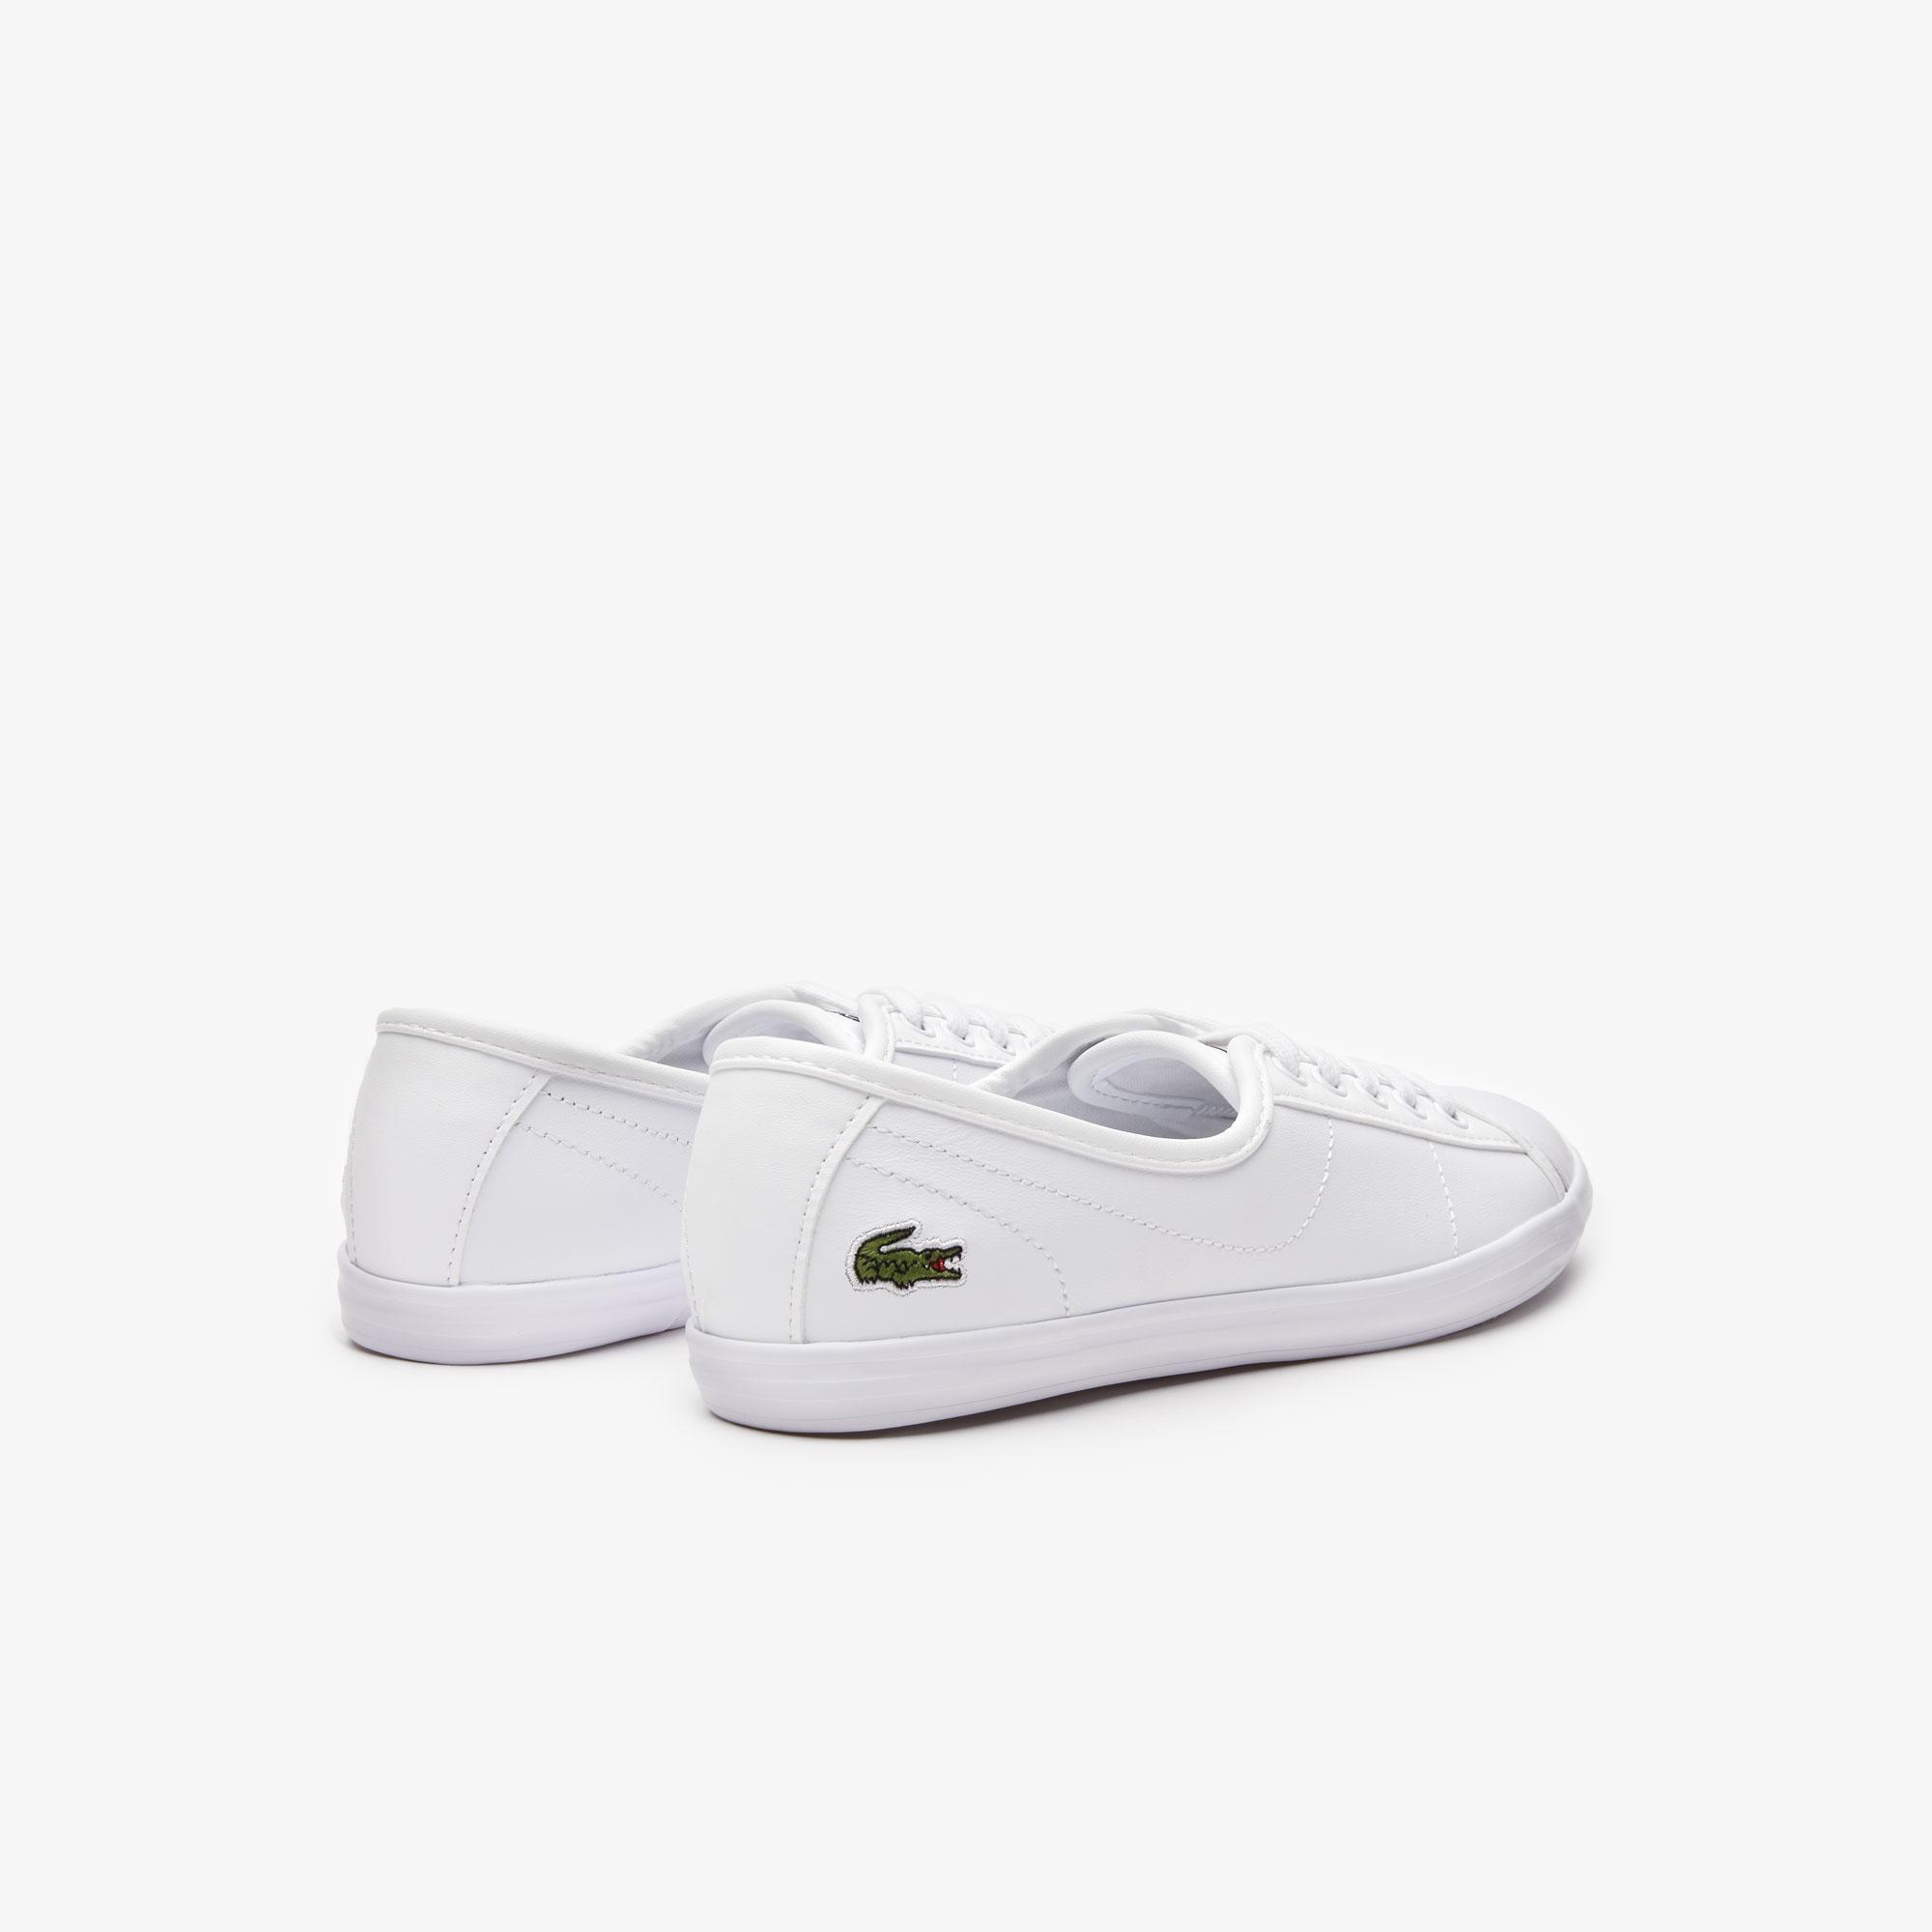 Lacoste Damskie skórzane sneakersy Ziane